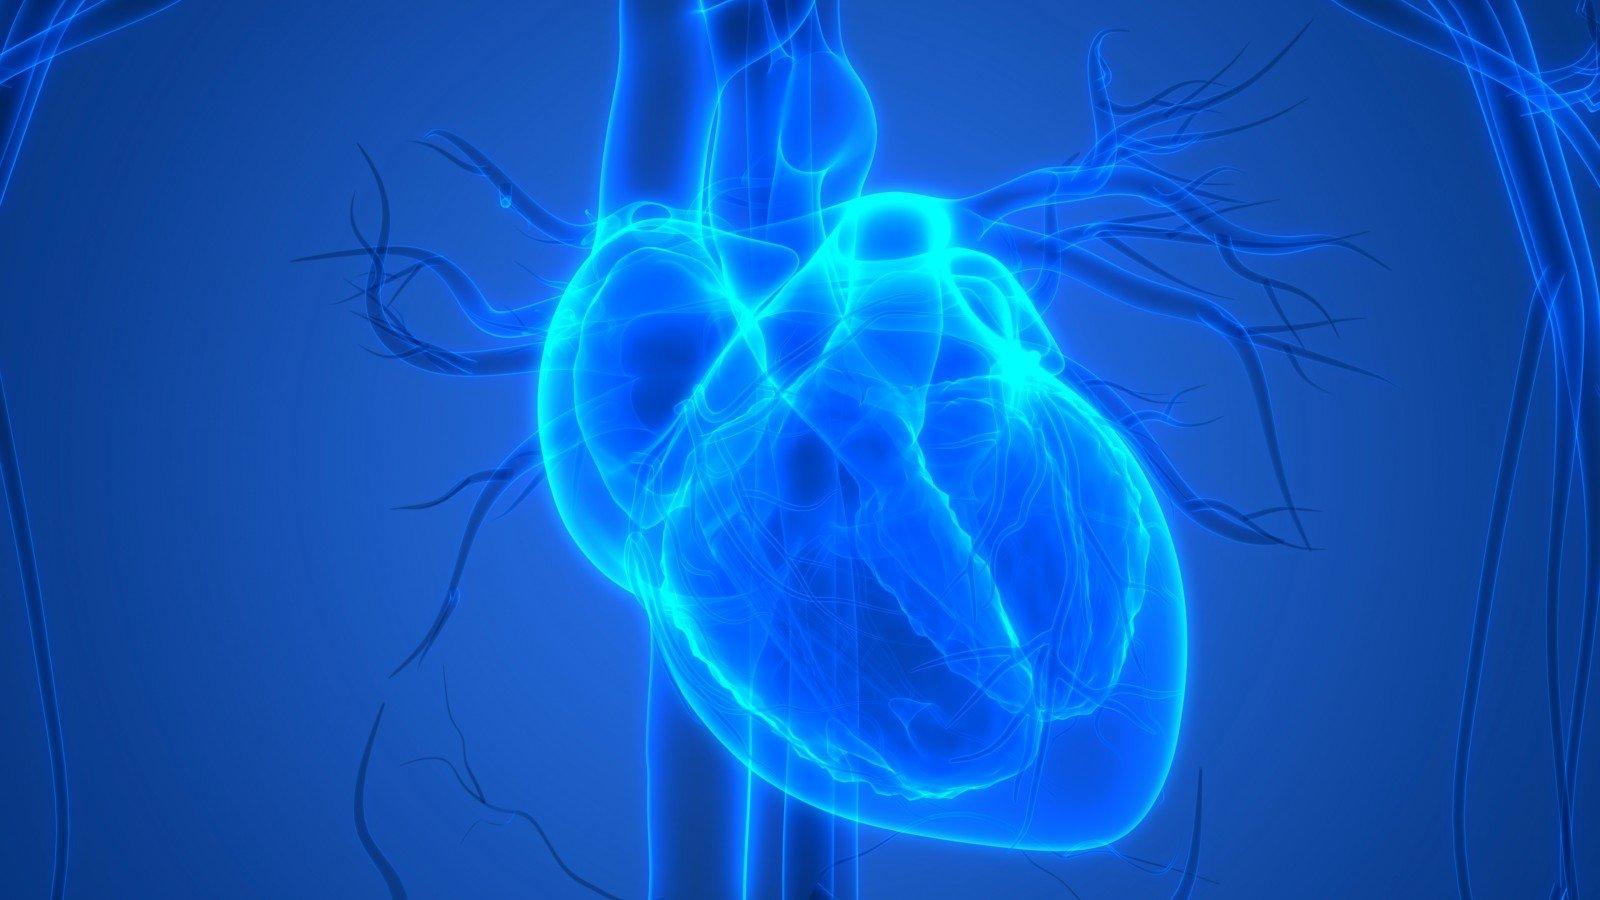 kaip palaikyti širdies sveikatą